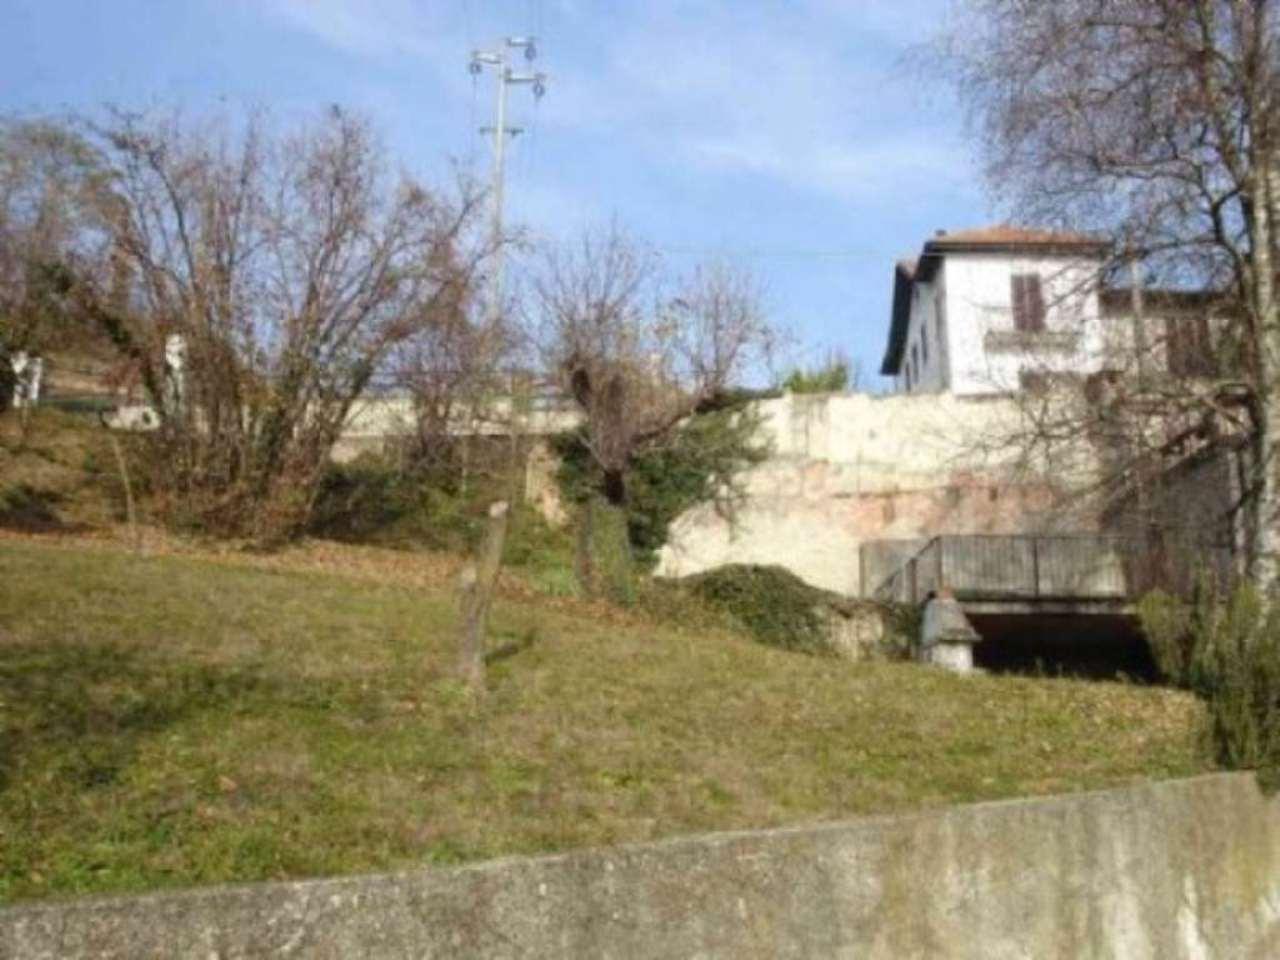 Rustico / Casale in vendita a Camerano Casasco, 6 locali, prezzo € 100.000 | Cambio Casa.it